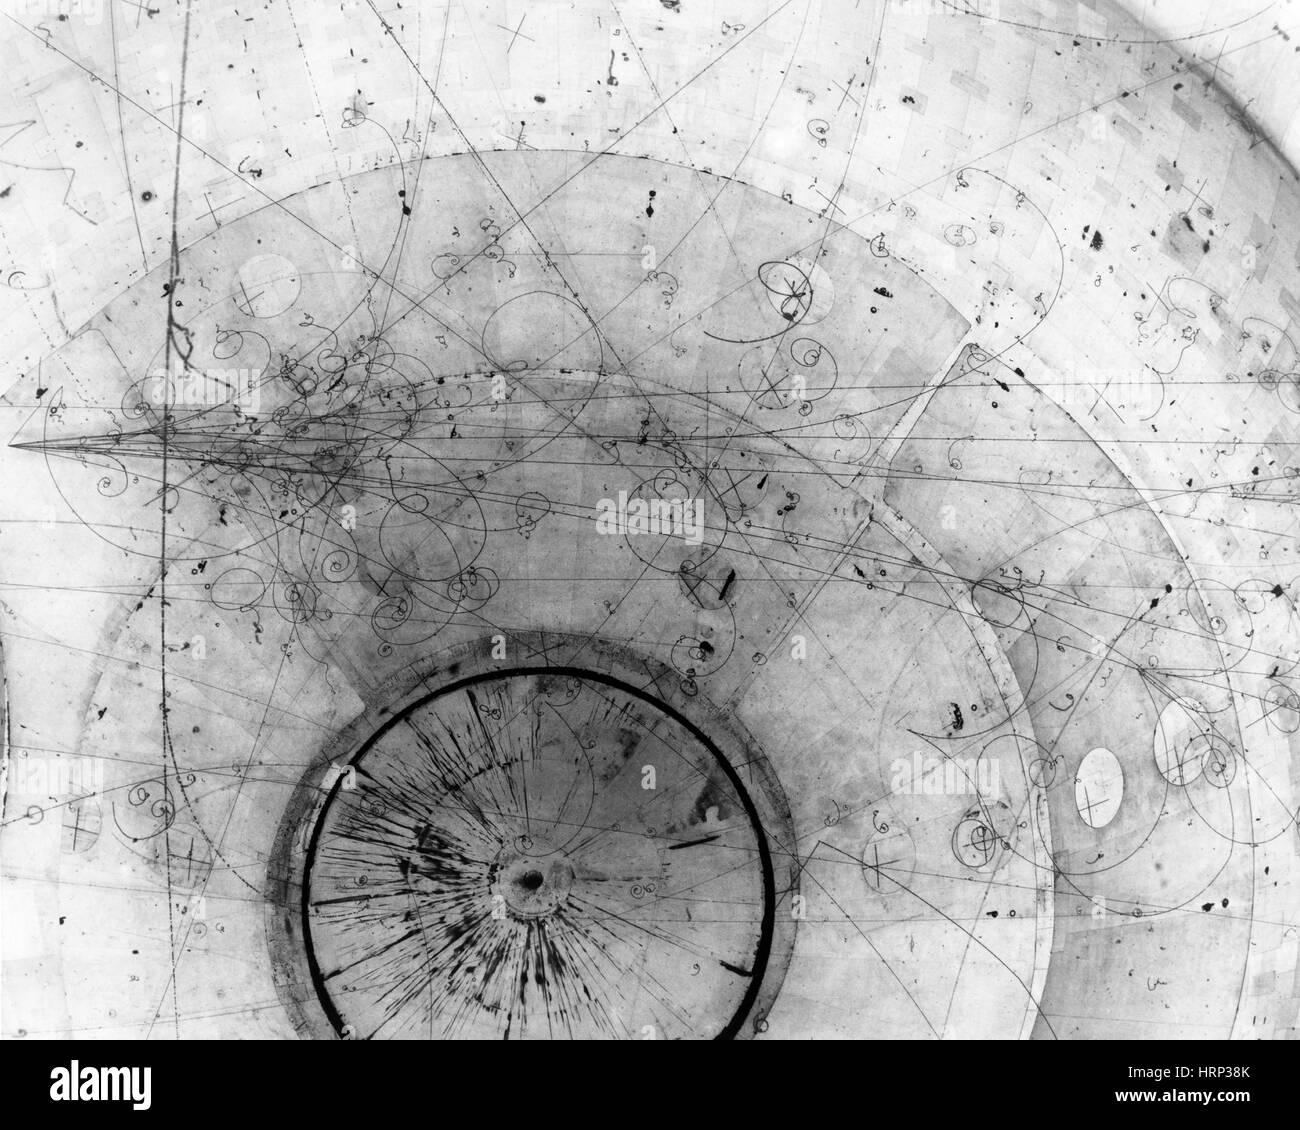 Bubble Chamber Event, Di Muon Neutrino, 1978 - Stock Image